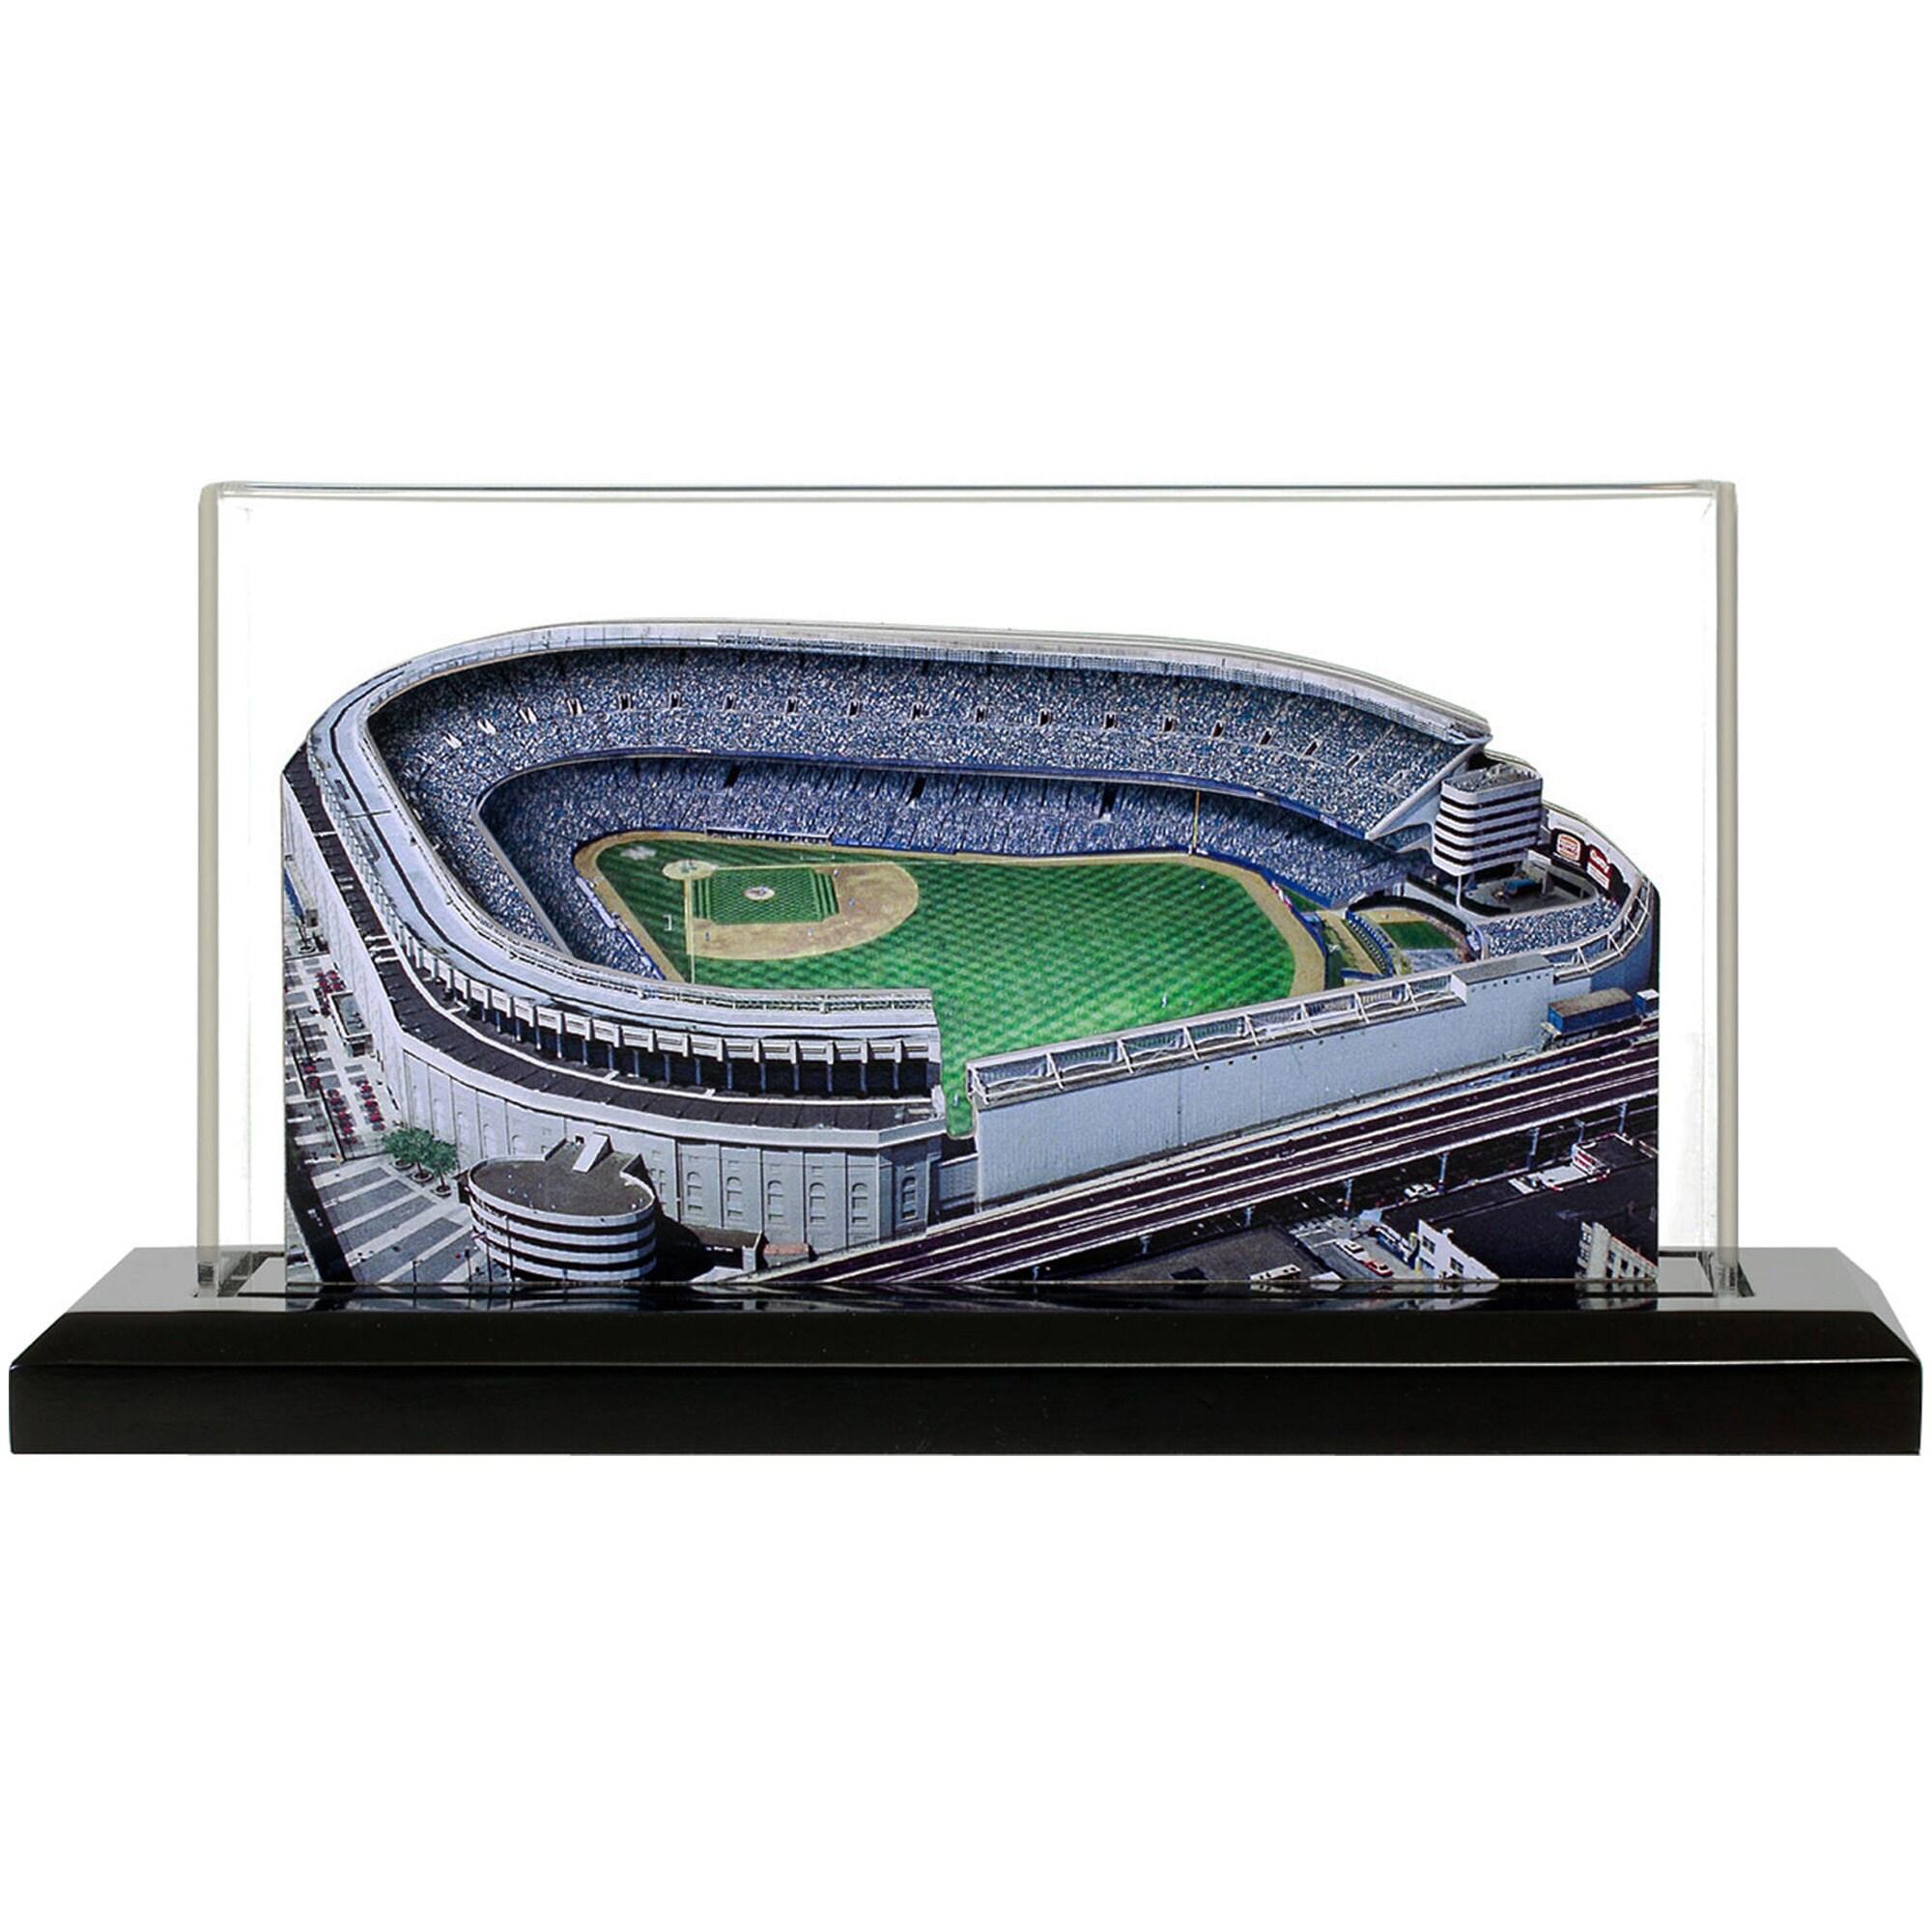 """New York Yankees 13"""" x 6"""" Yankee Stadium Renovated 1976-2008 Light Up Replica Ballpark"""